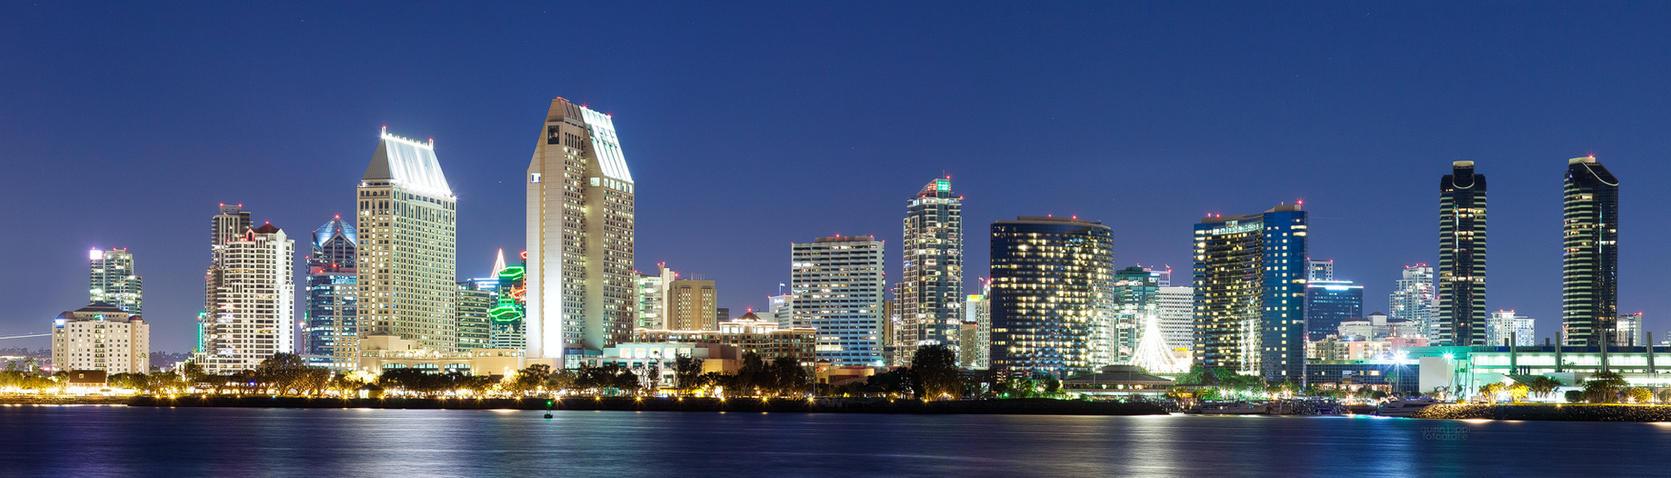 San Diego Downtown Skyline by quintz